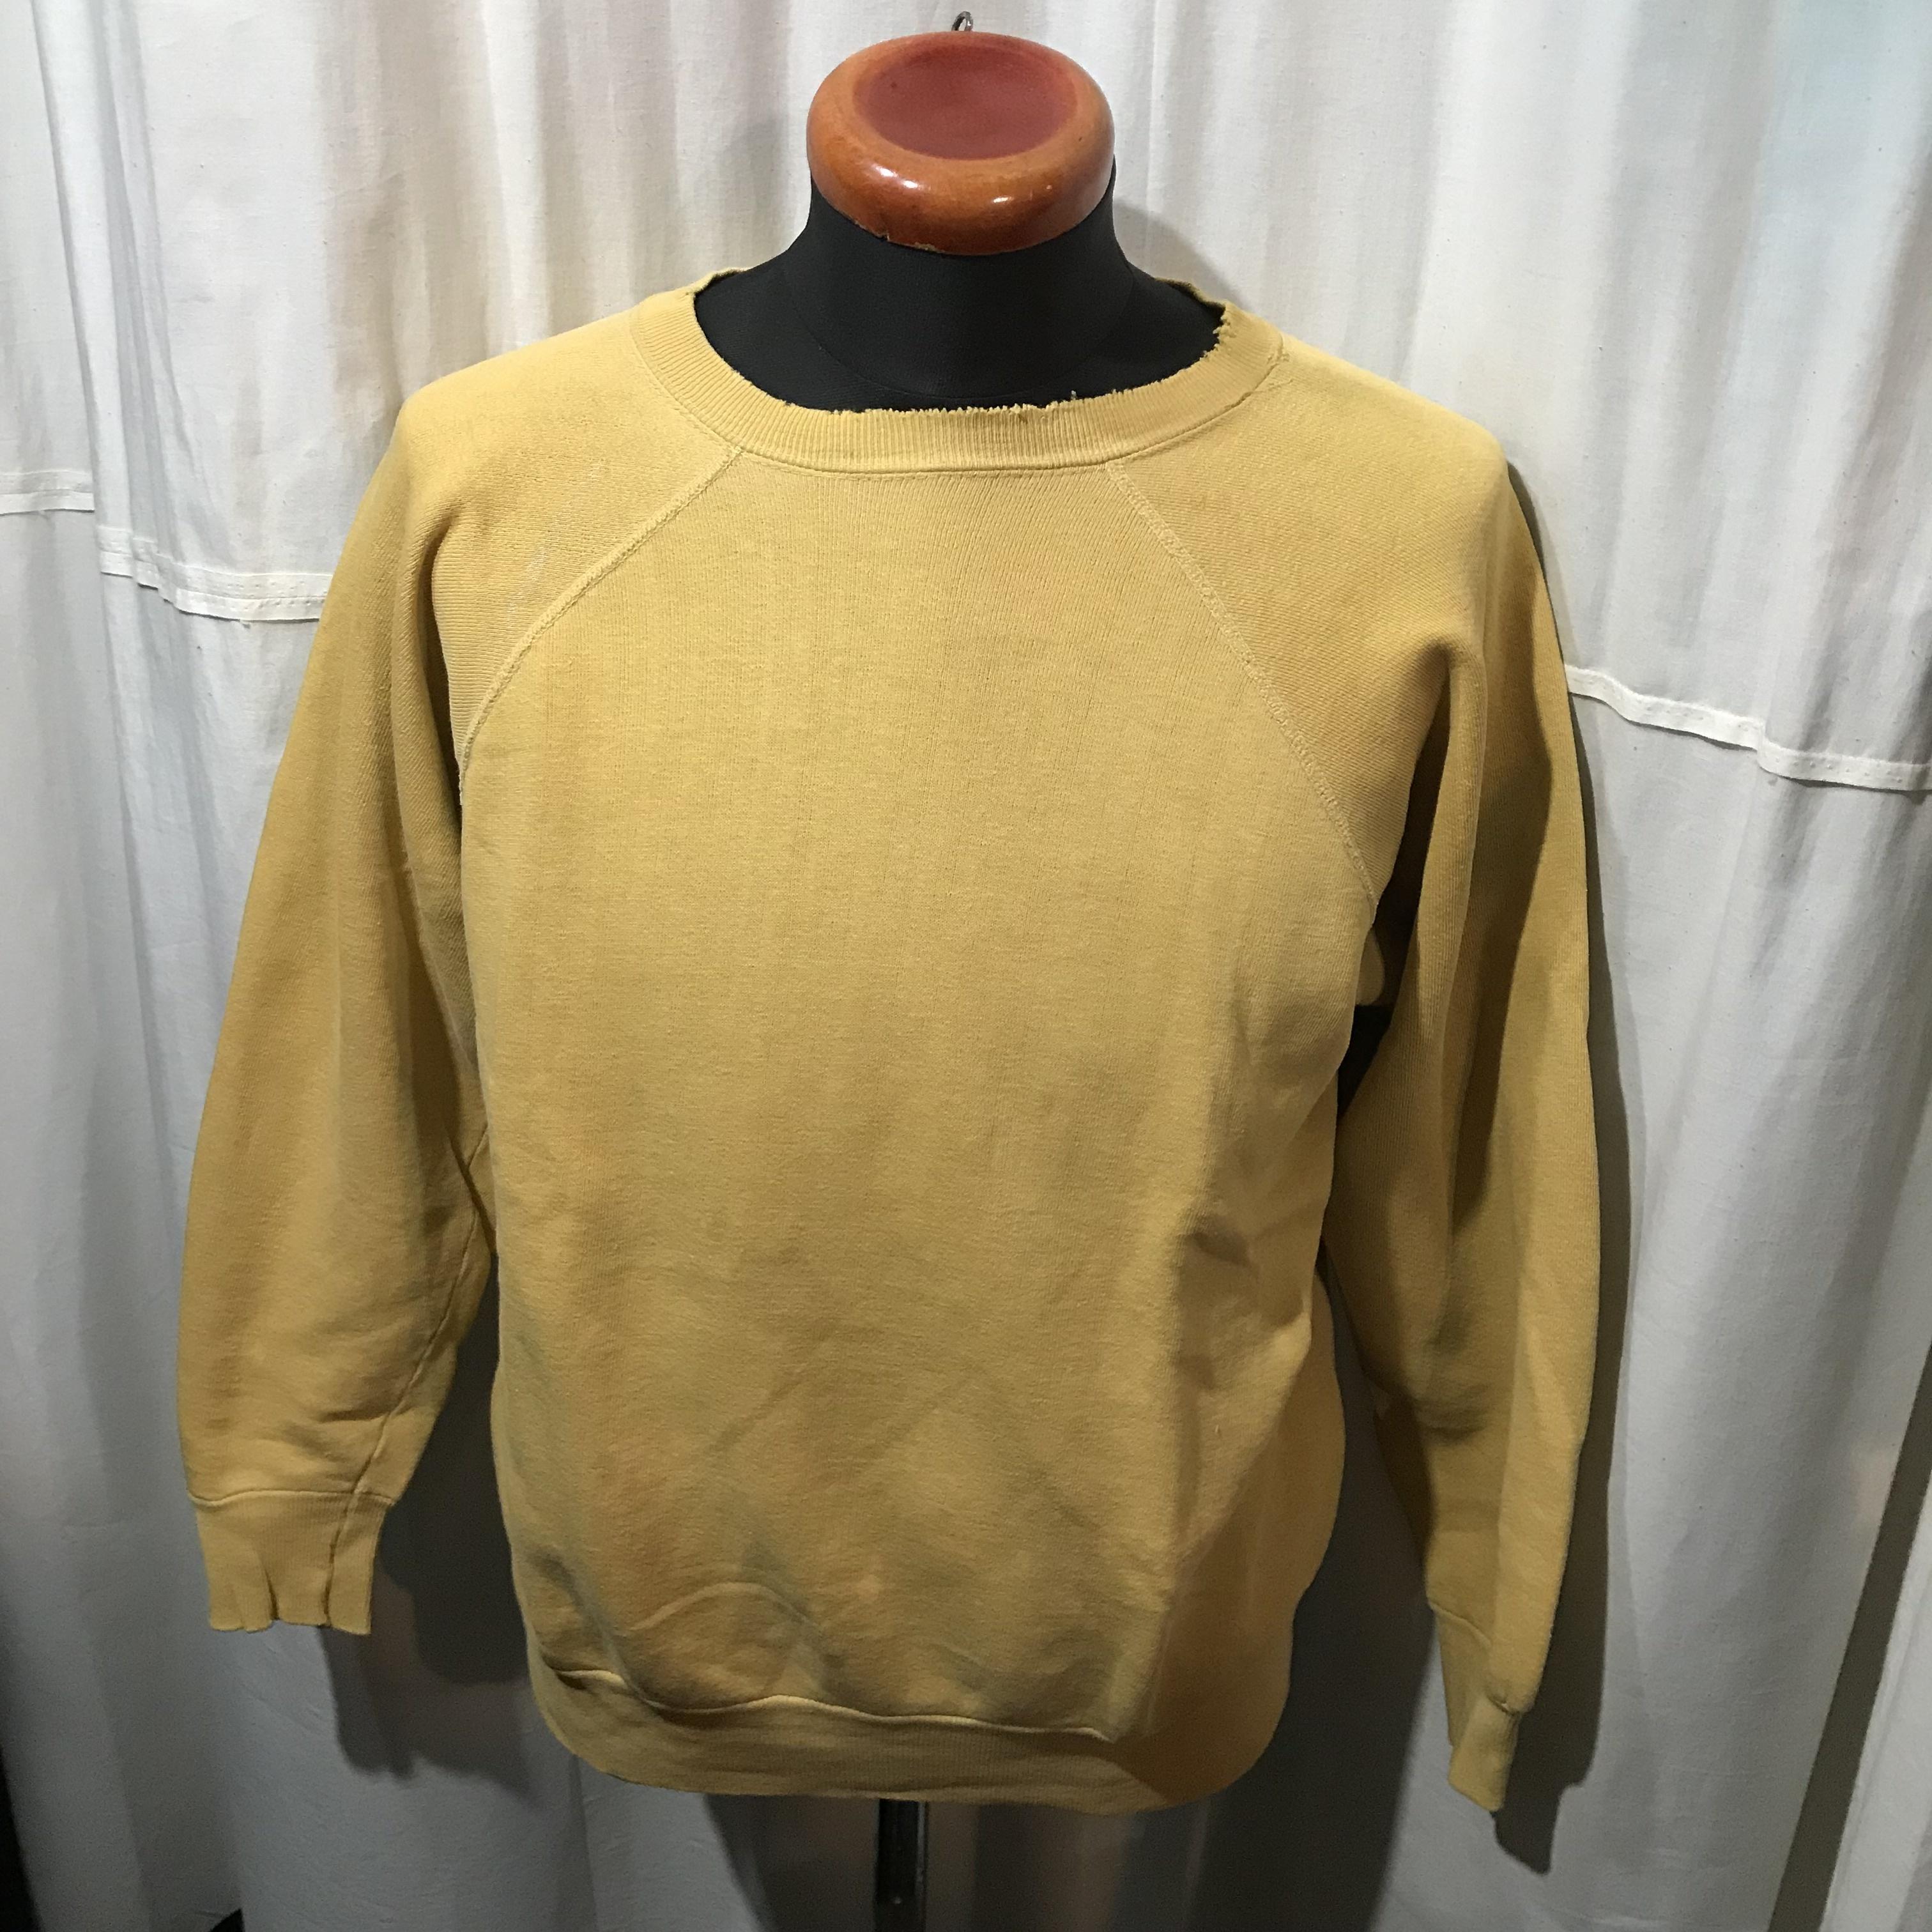 70's vintage Hanes スウェットシャツ メンズM~L